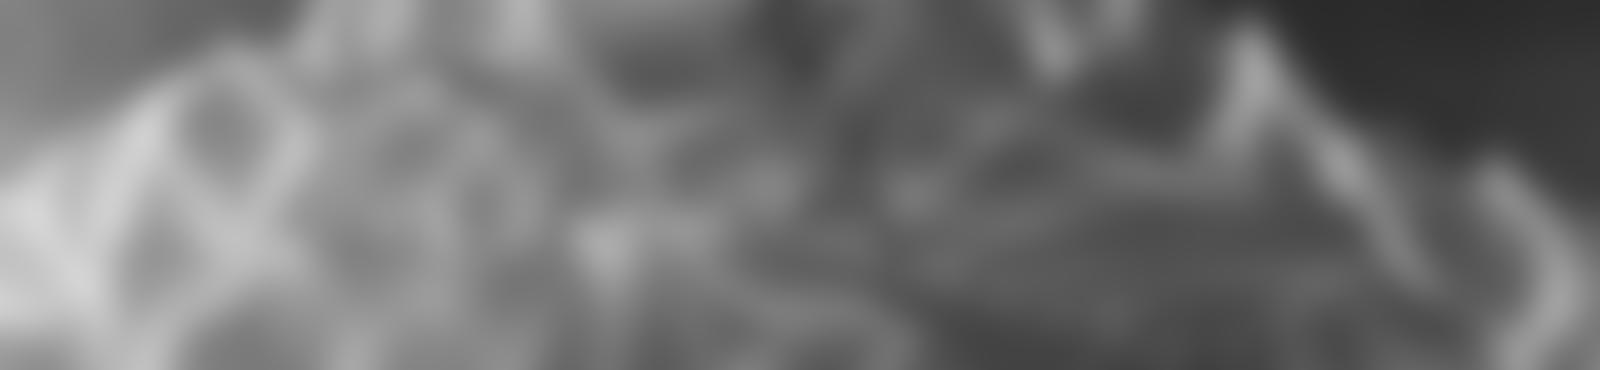 Blurred a88b08de 0739 4623 8001 f037c7d7c020